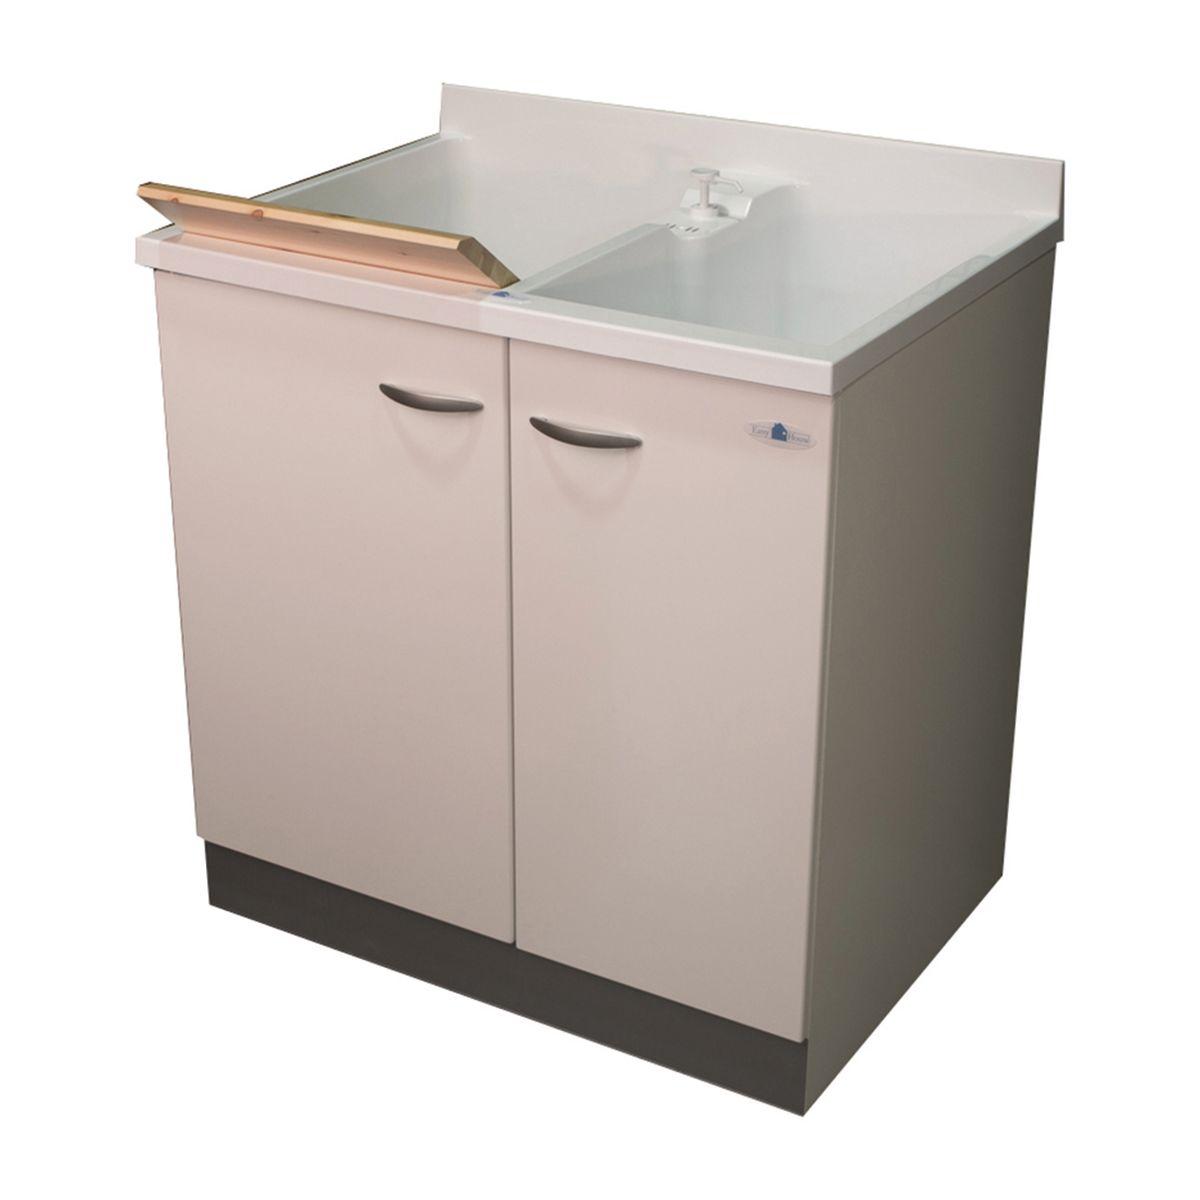 Accessori e Mobili per lavanderia: prezzi e offerte